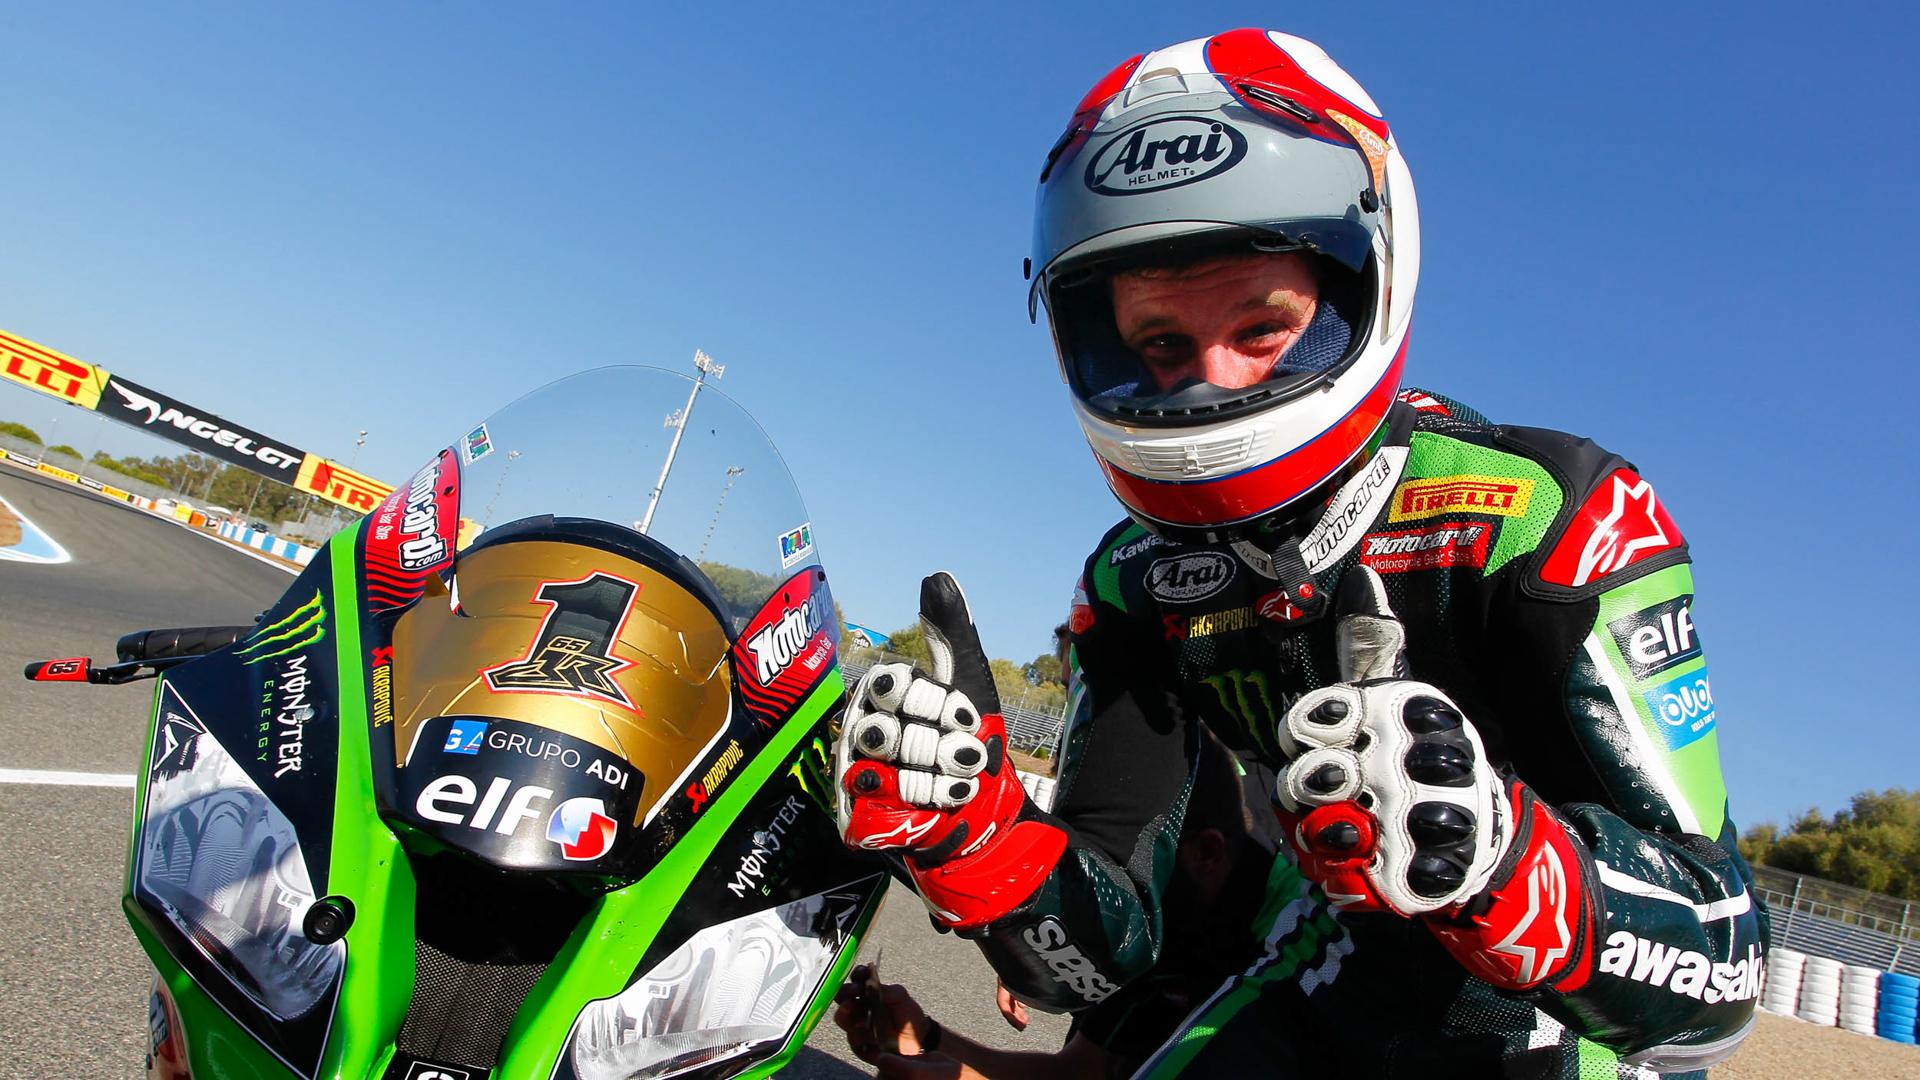 MotoGP contra Superbike. ¿Los tiempos de Rea, podrían llevarle a él y a Kawasaki a MotoGP?